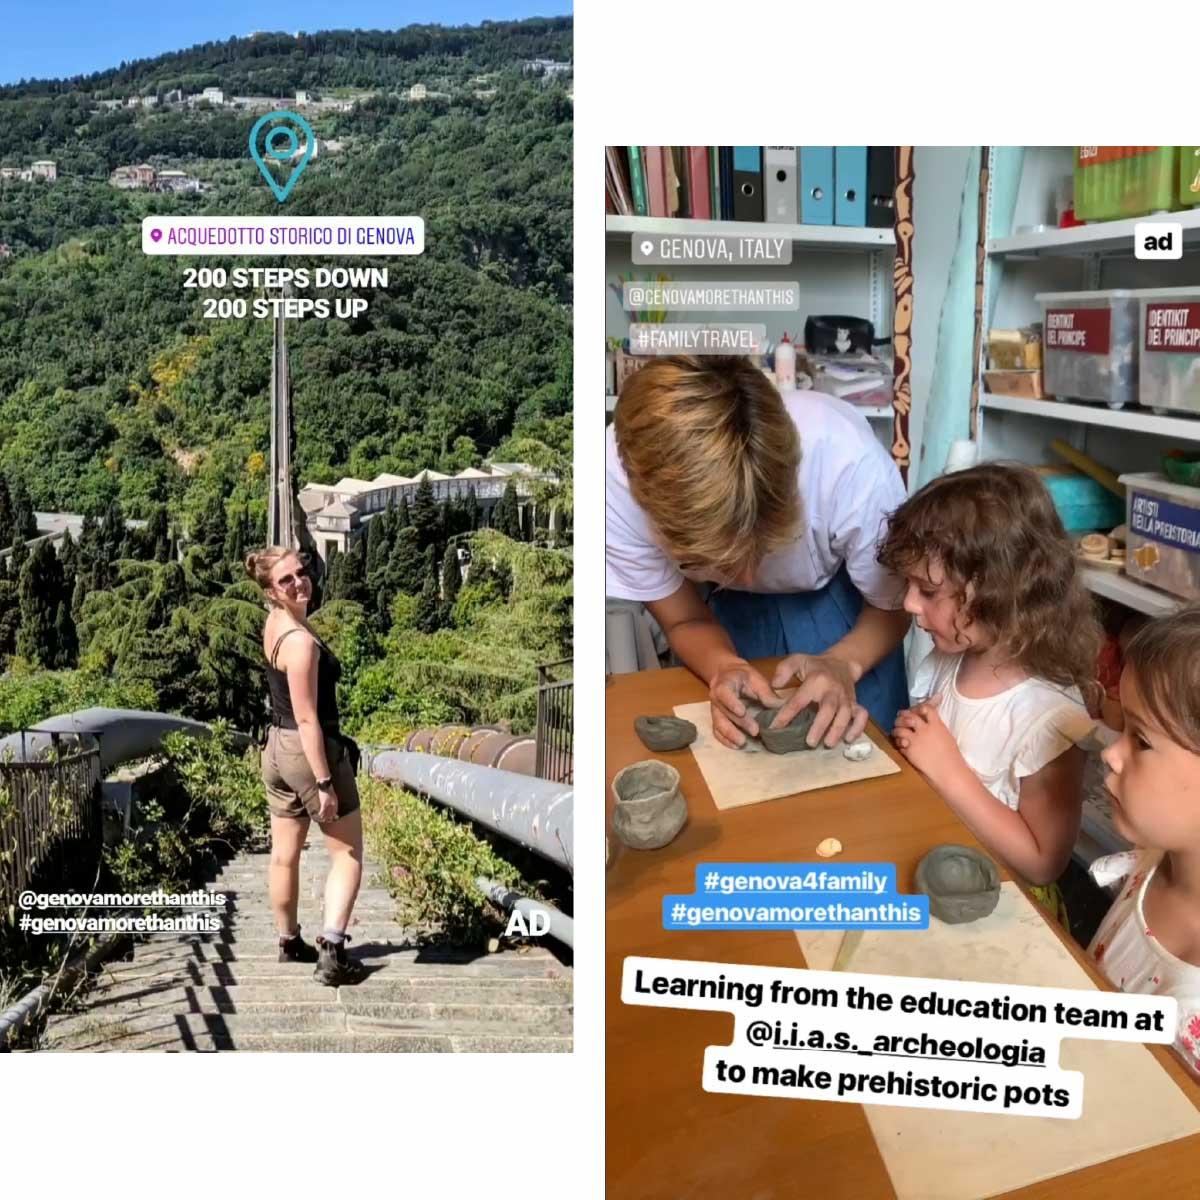 comune-di-genova-influencer-marketing-turismo-influencer-marketing-3